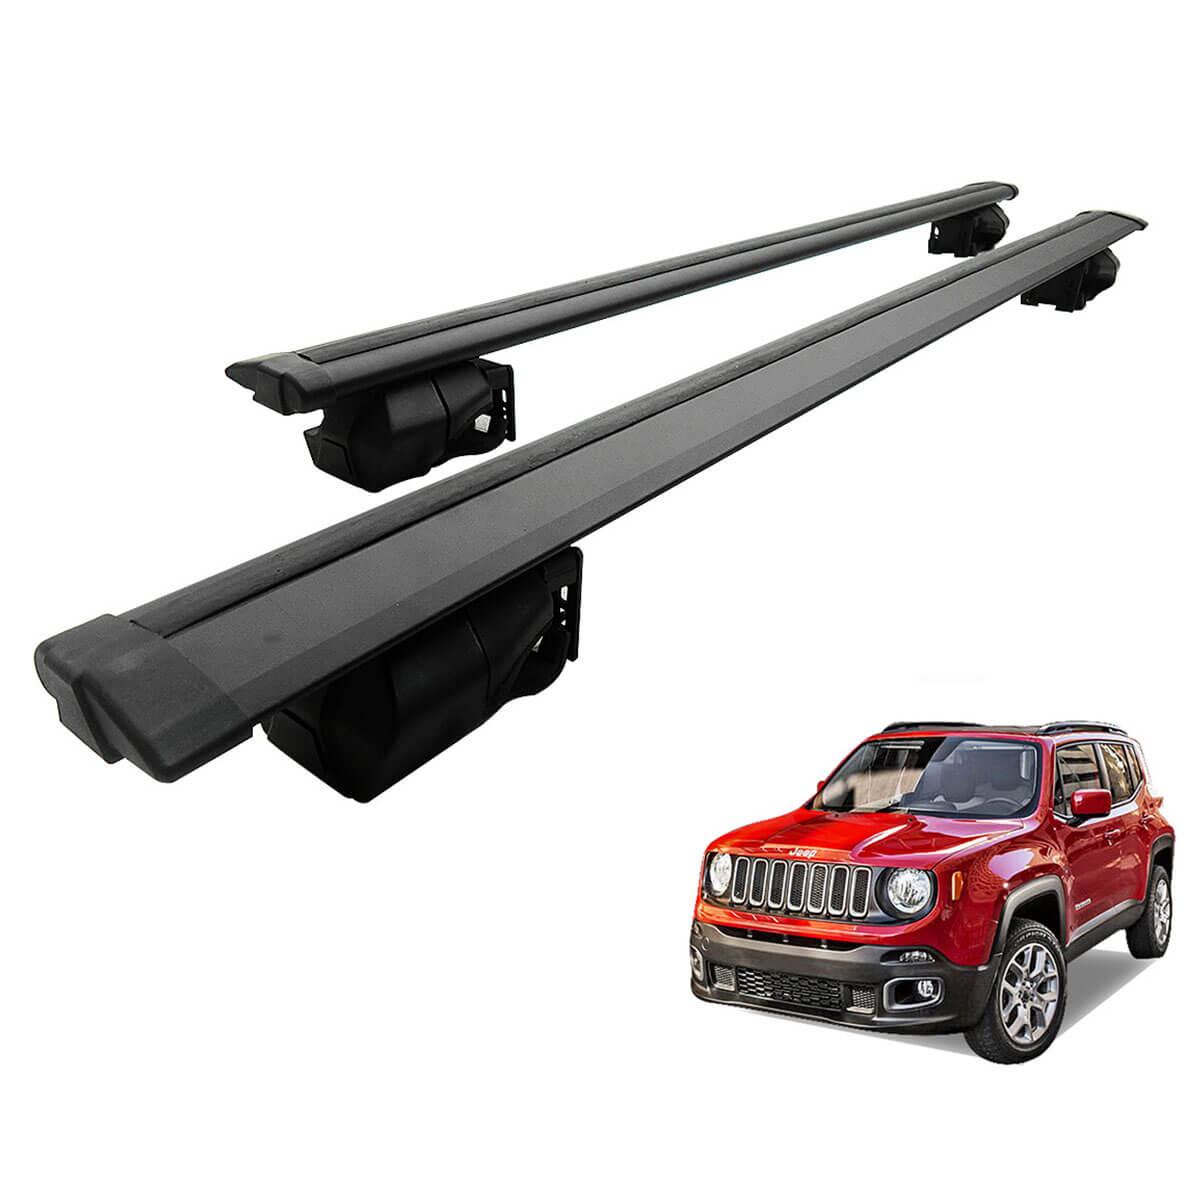 Travessa rack de teto Procargo preta Jeep Renegade 2016 2017 com trava de segurança